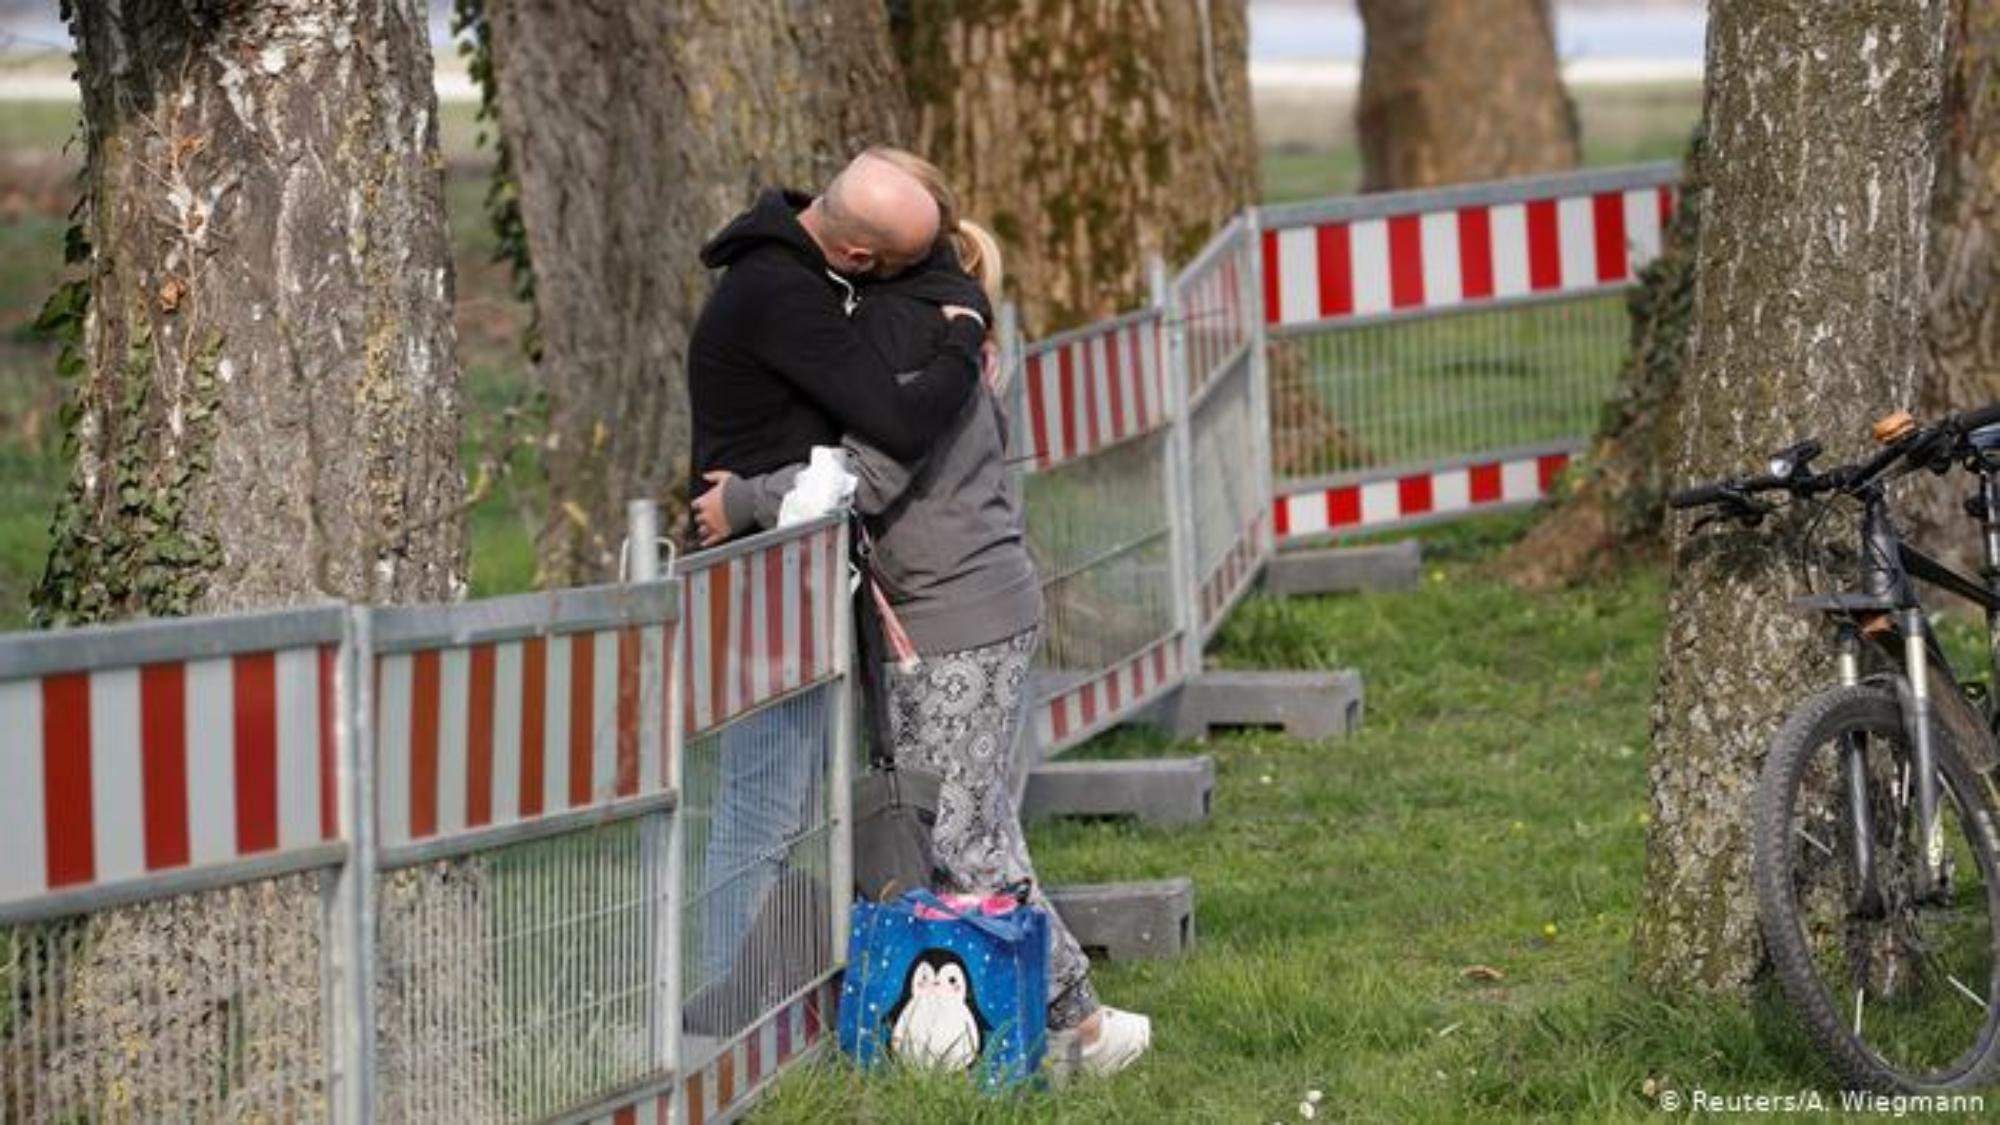 """重開邊境 5月16日起,德國重新開放與三個鄰國法國、奧地利和瑞士的邊境。過境口岸重新開放後只進行抽檢。不過,只有""""有充分理由"""" ,比如跨國情侶才被允許入境或過境德國。圖為一對在瑞士和德國邊境的跨國情侶。"""